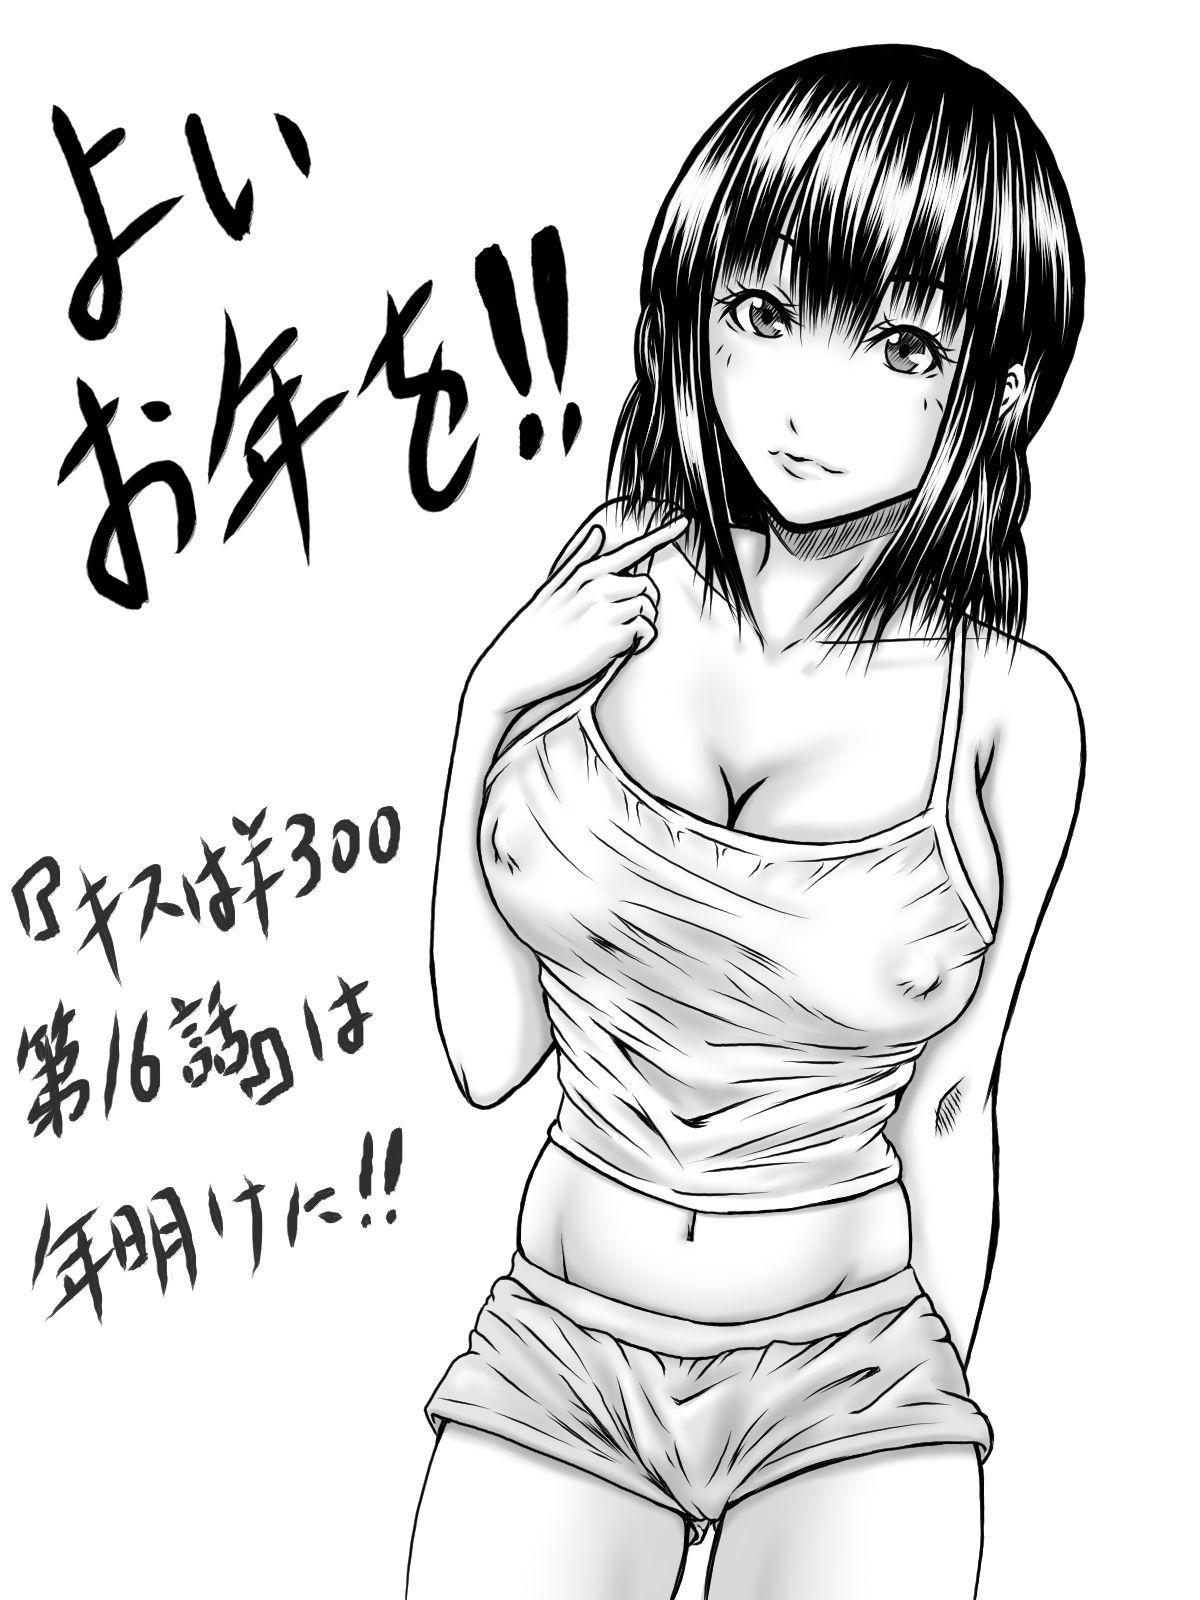 Kiss wa ¥300 76